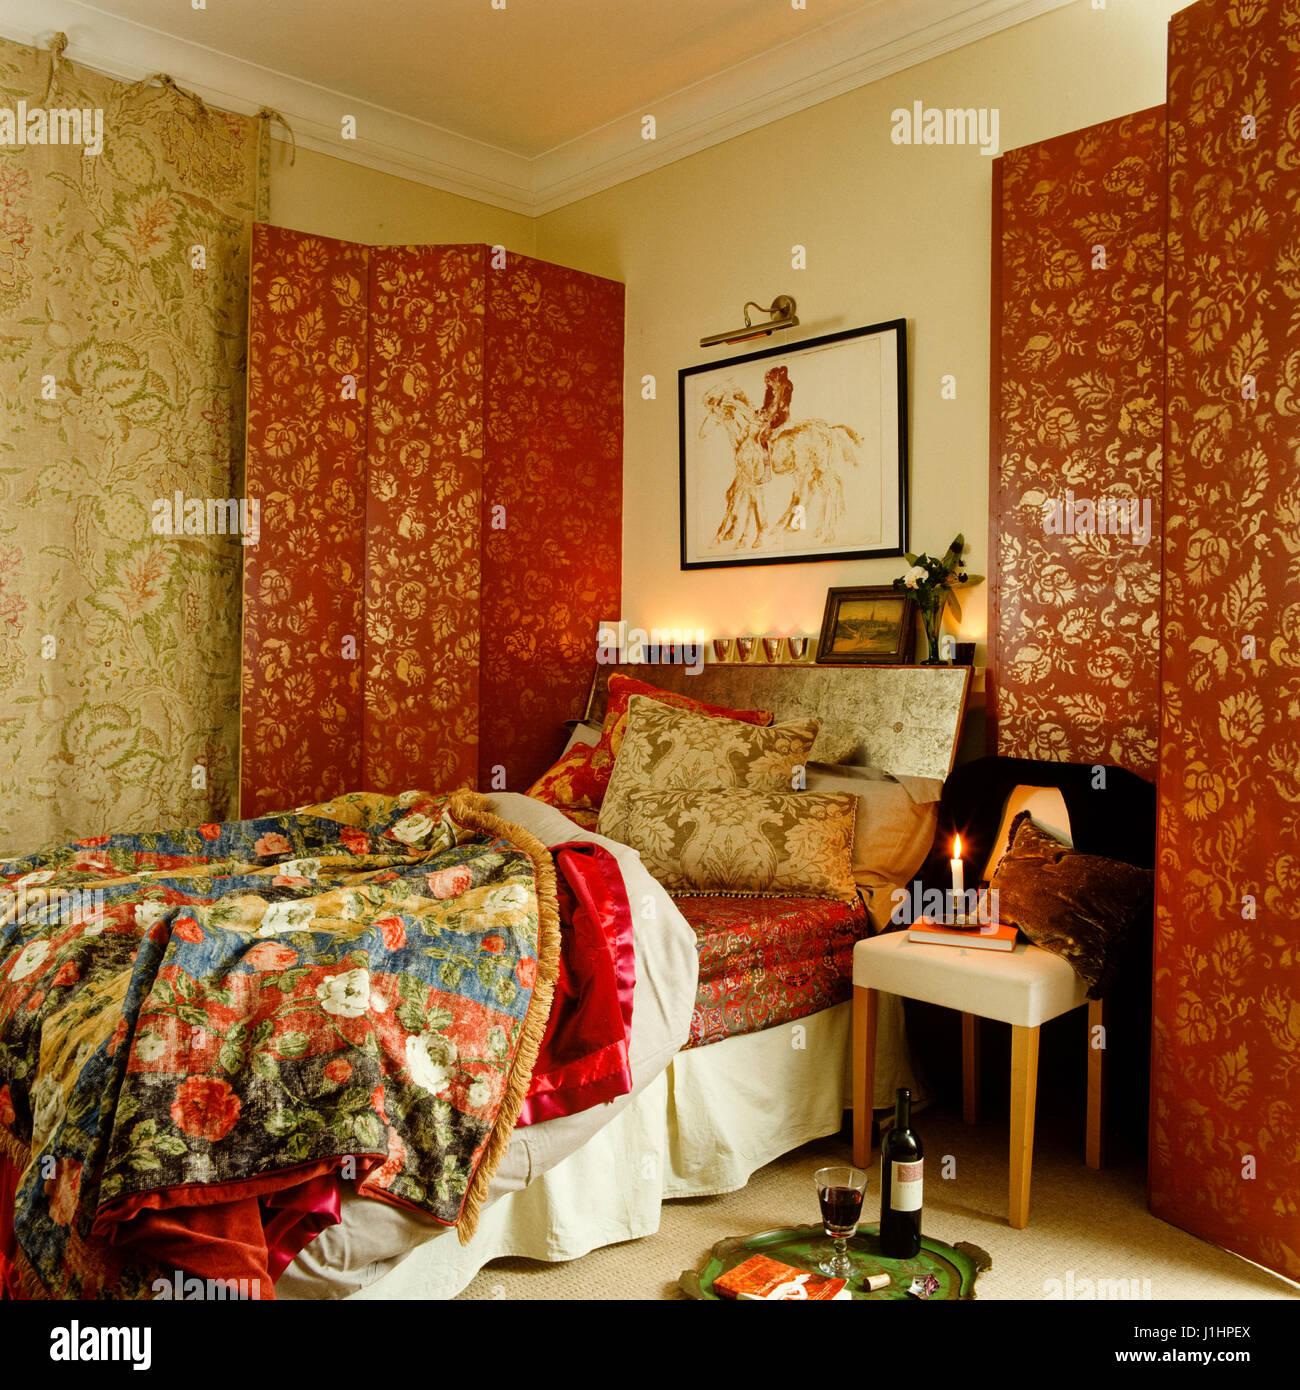 Orientalisches Schlafzimmer Stockfoto, Bild: 138688450 - Alamy